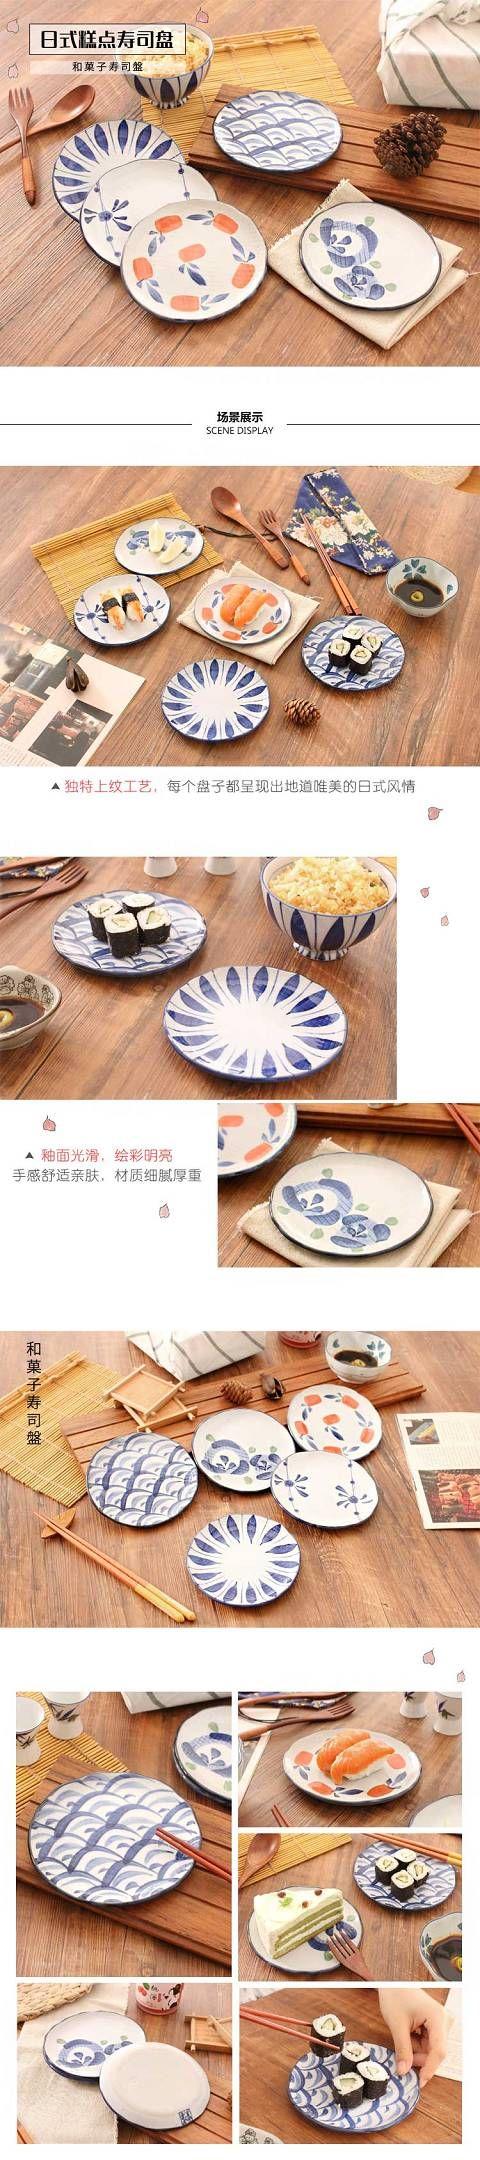 日式手绘和风餐具陶瓷盘 家用盘子菜盘圆盘平盘餐盘